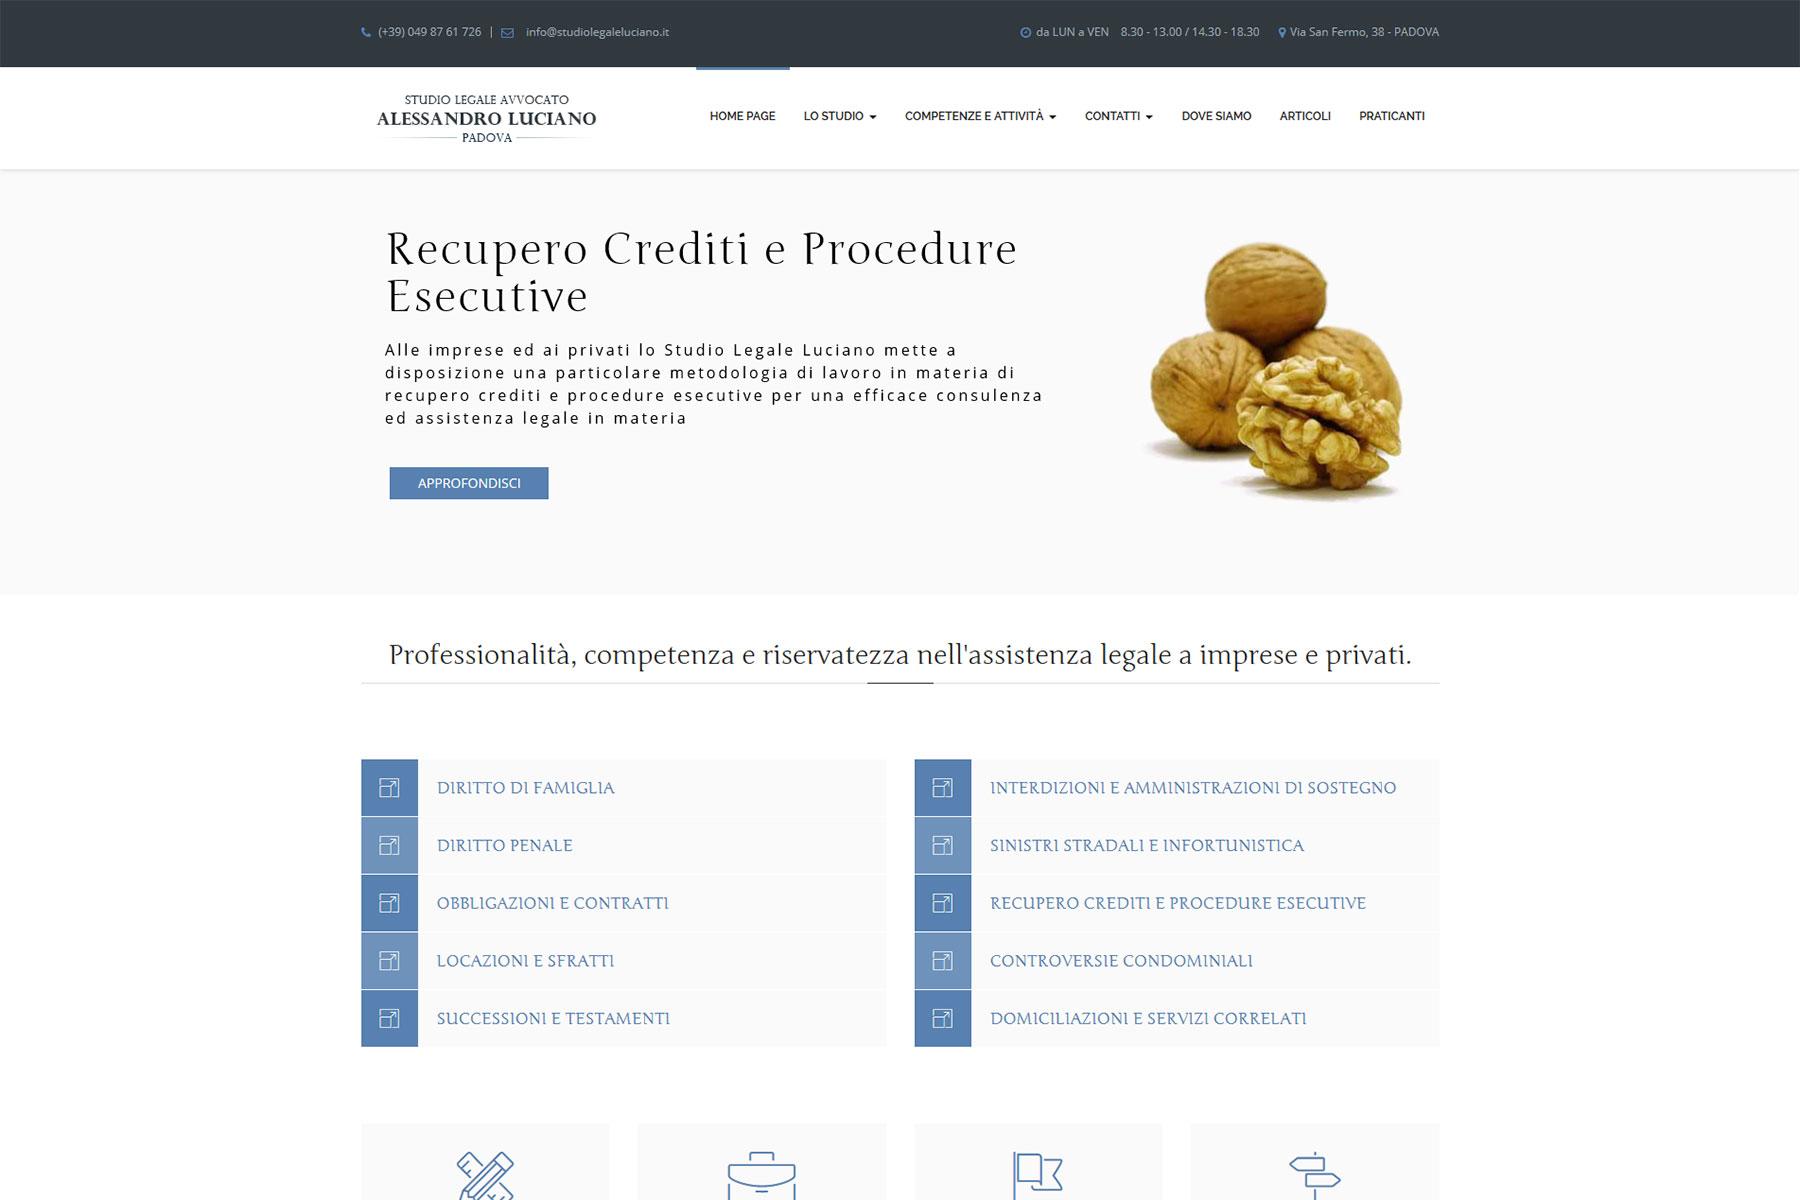 xplay-agenzia-web-sito-studio-legale-avvocato-luciano-padova